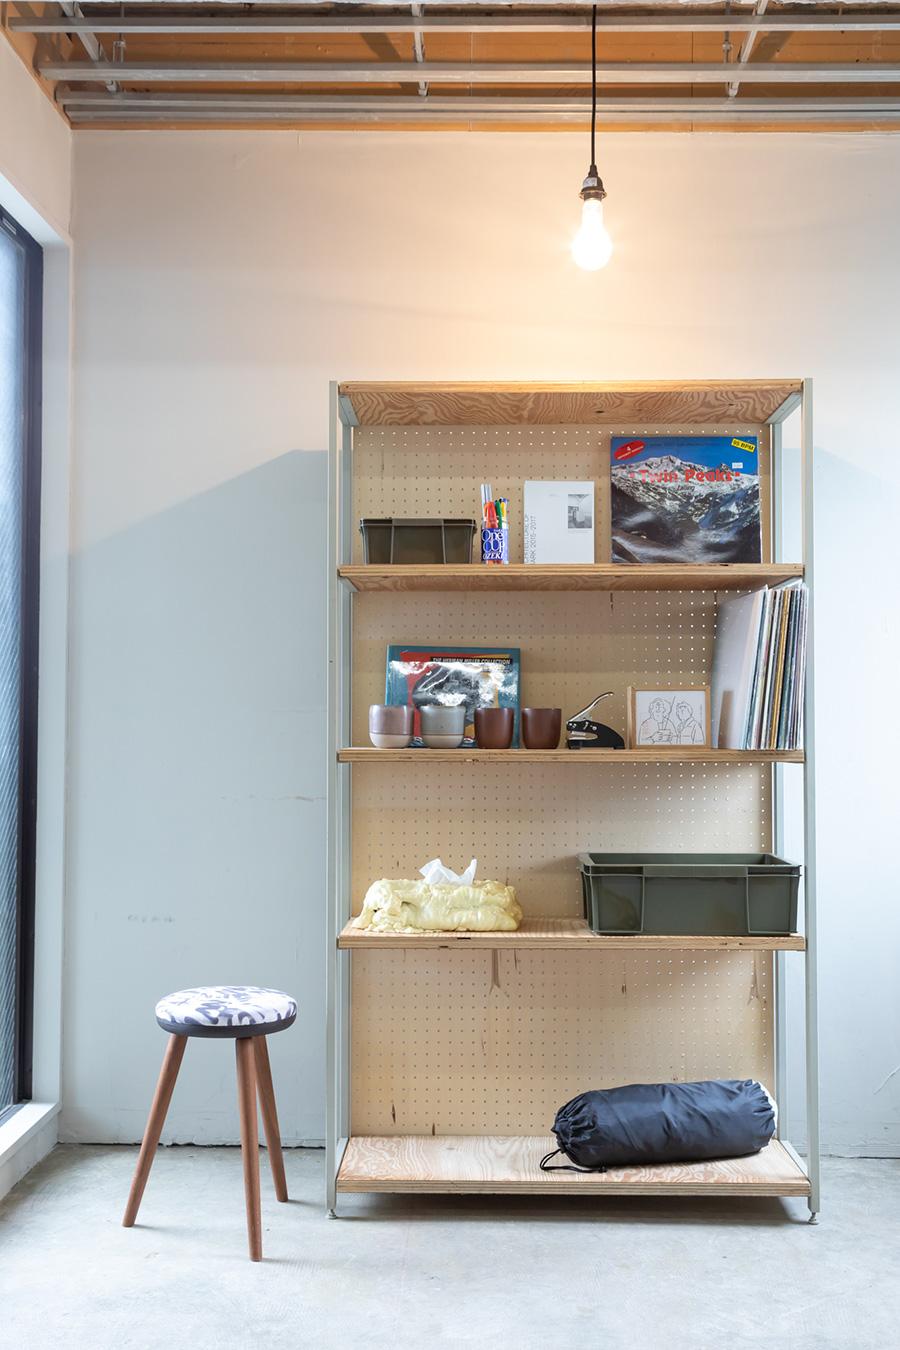 〈Shelf Ladder ver.2〉は、好きな大きさの本棚を作ることができるキットだ。